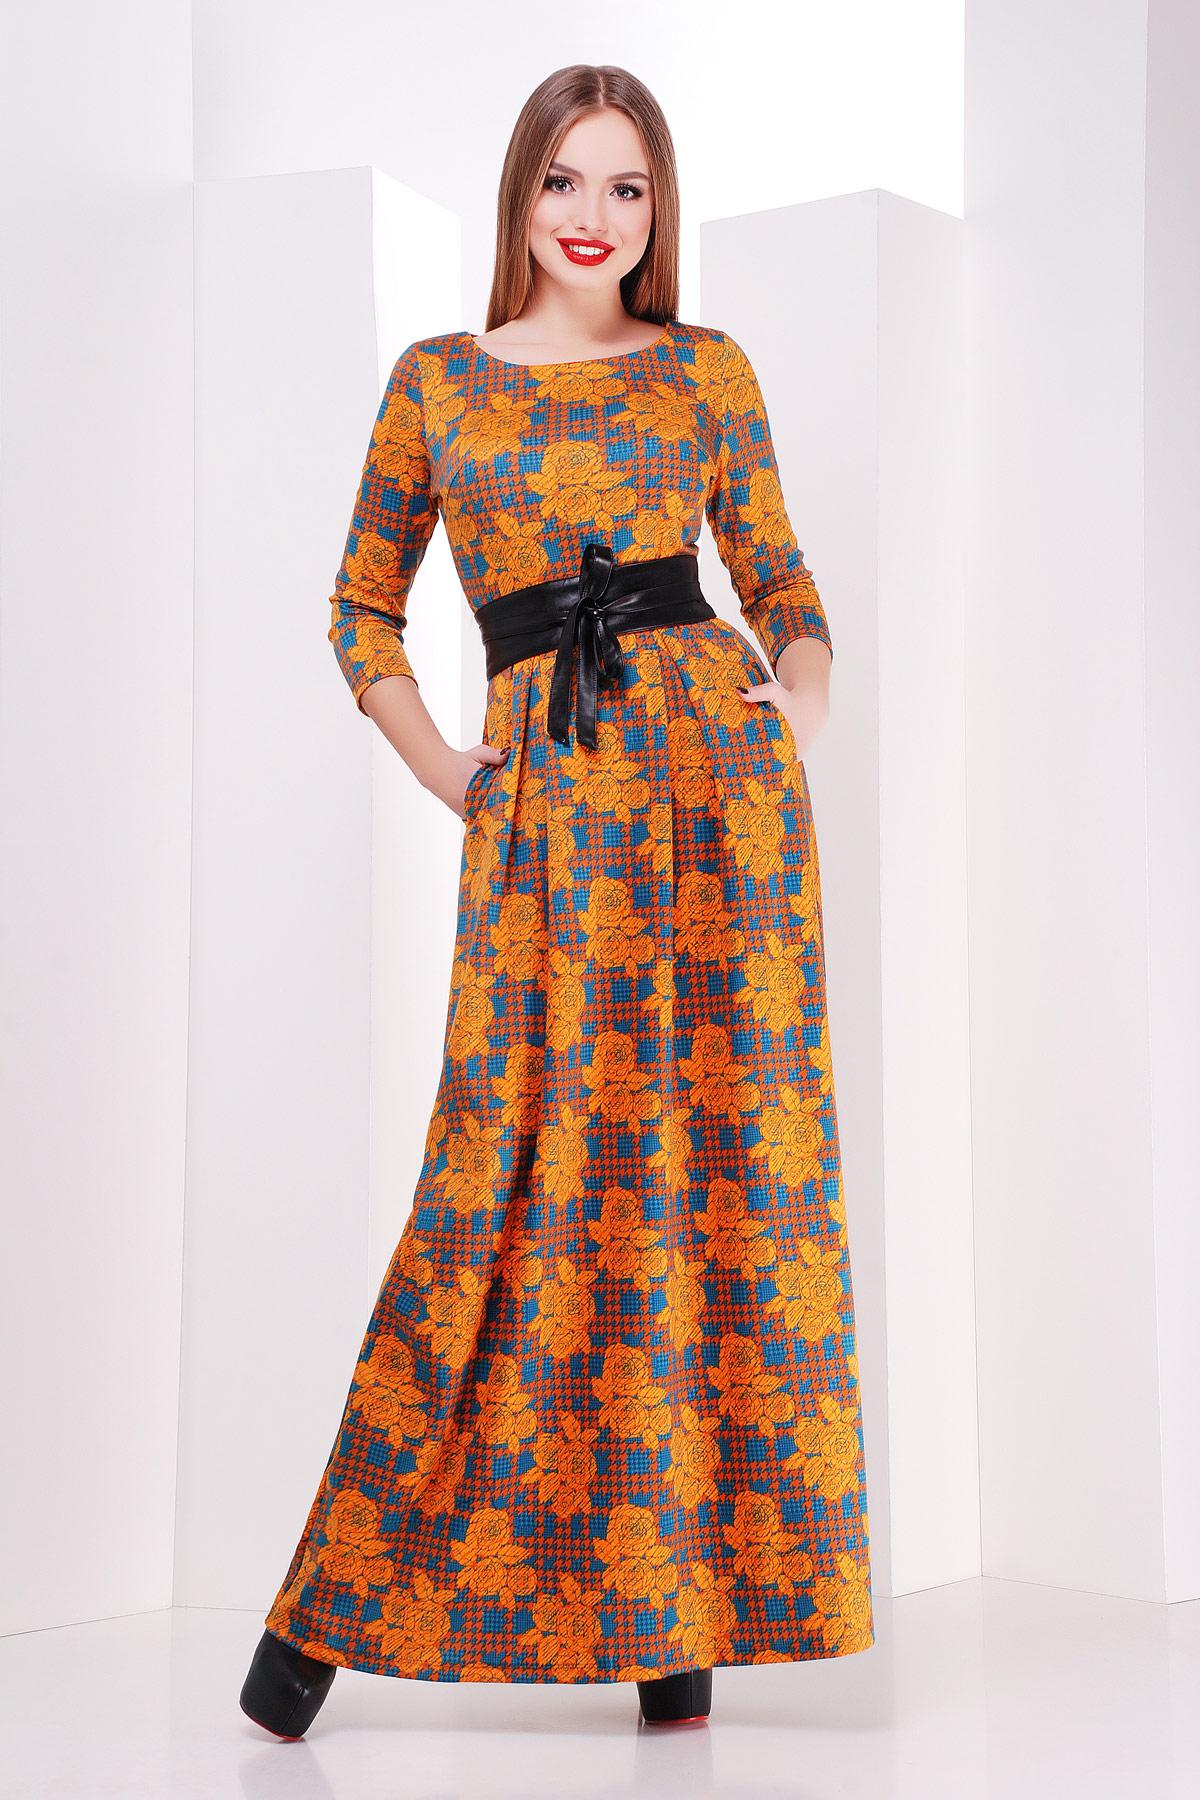 Серое платье макси, украшенное лапкой и розами. платье Шарли д/р. Цвет: оранжевый-лапка-роза